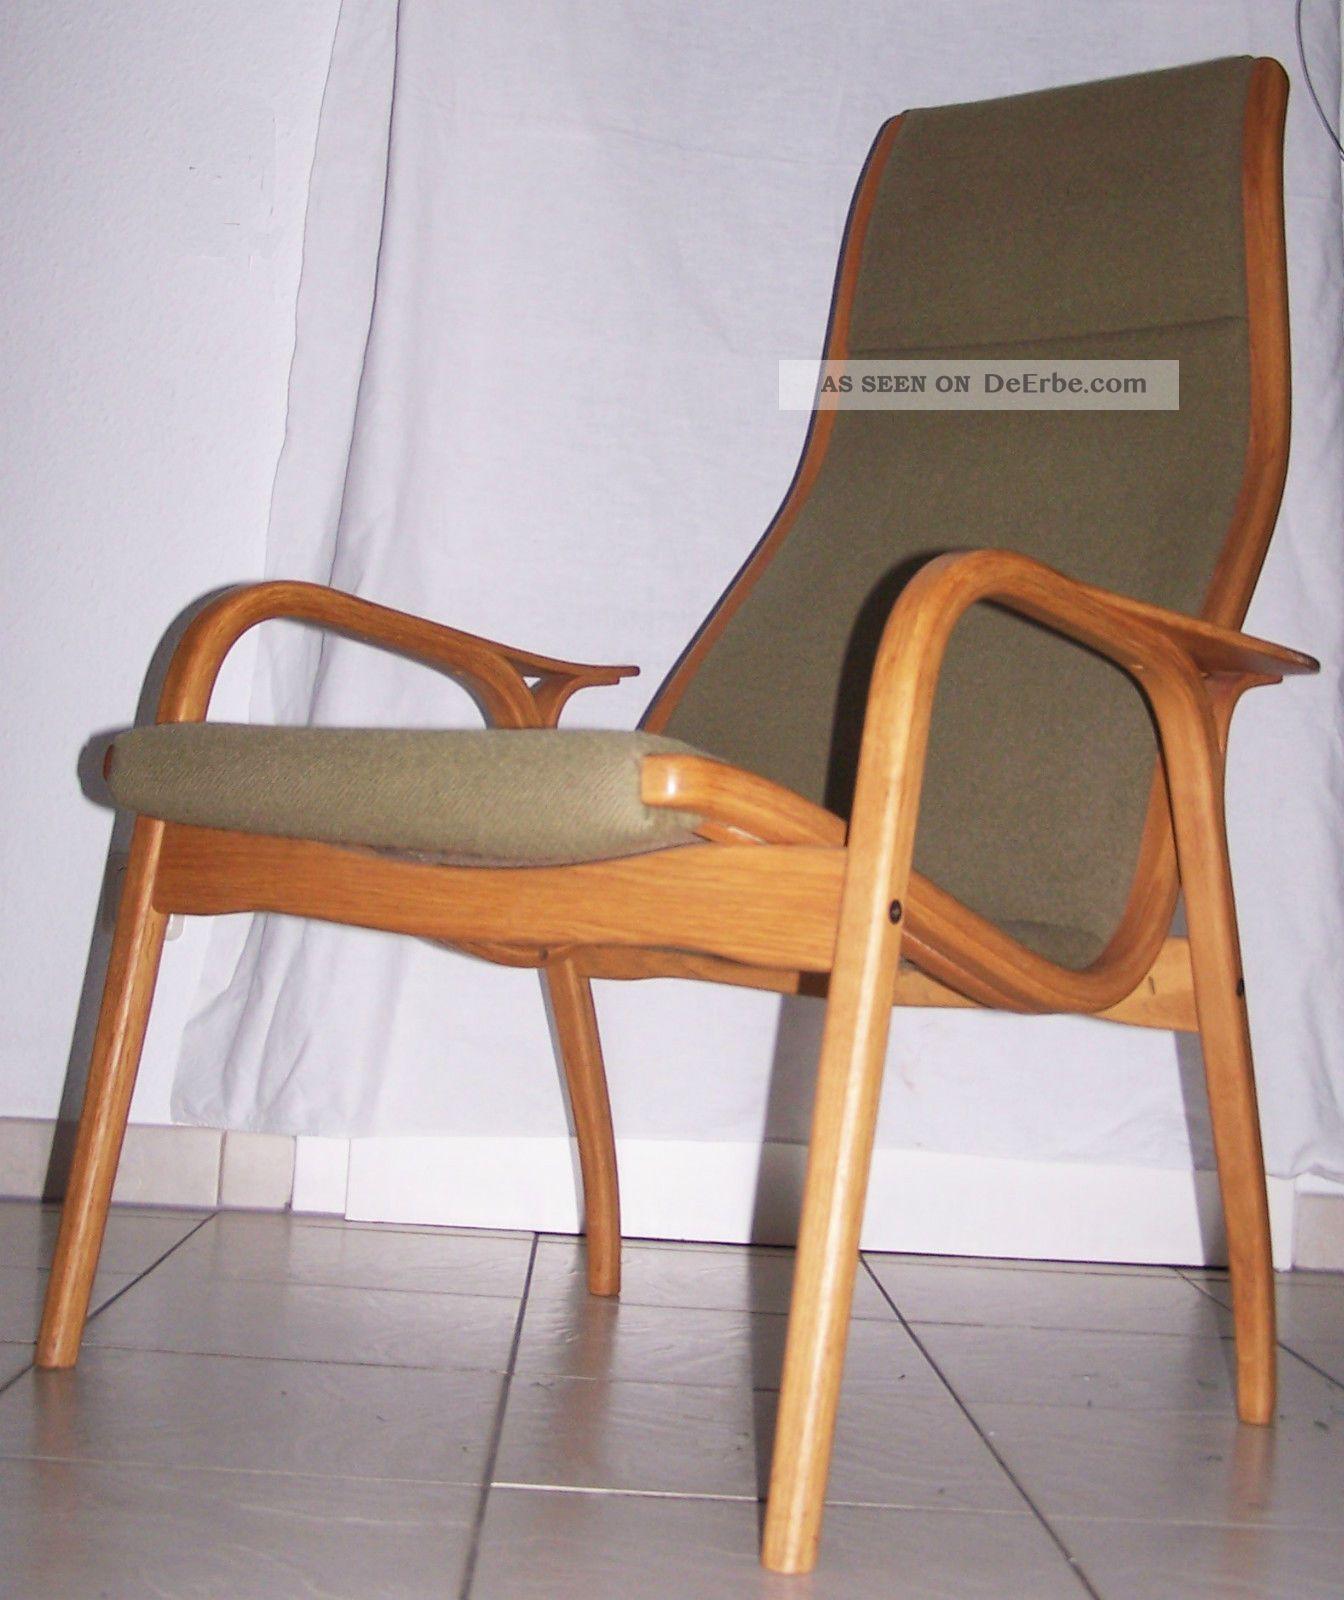 lounge chair lamino yngve ekstr m swedese sessel oak 50er jahre. Black Bedroom Furniture Sets. Home Design Ideas